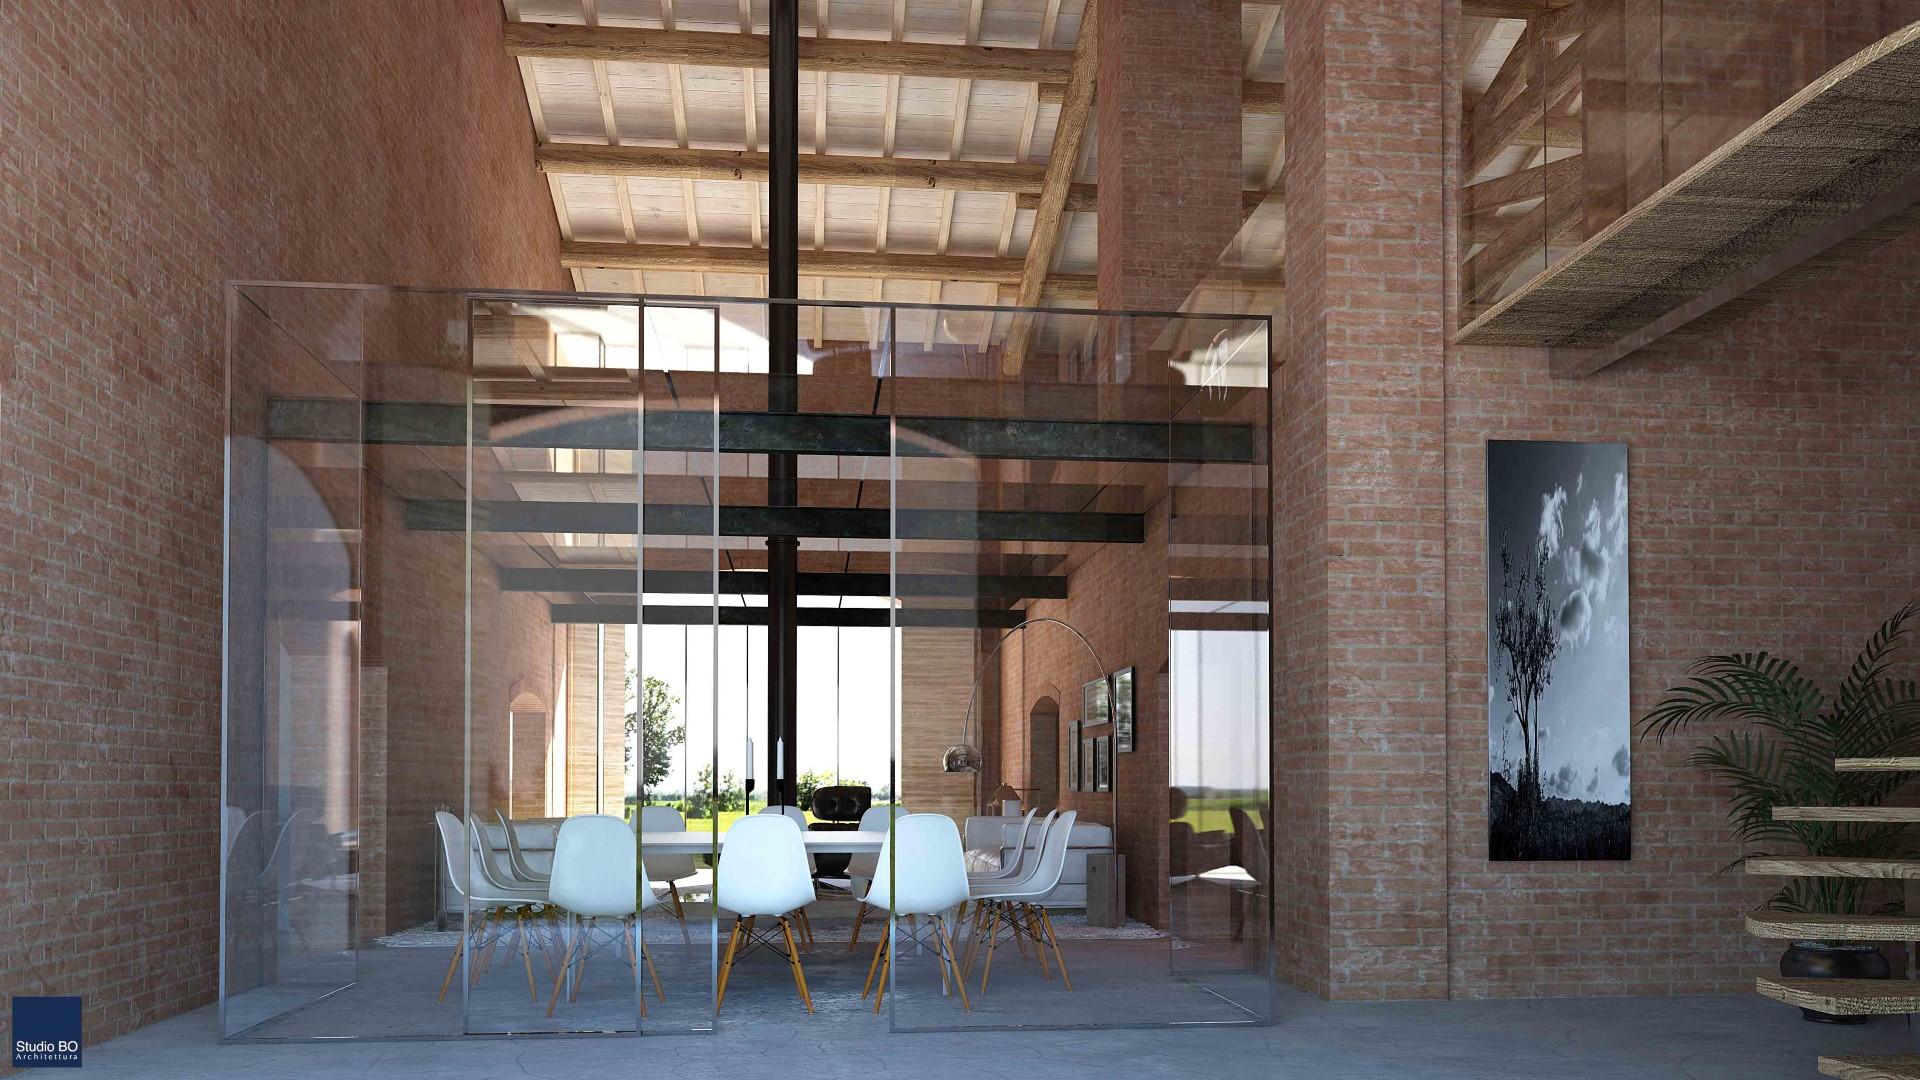 Ristrutturazione edificio - Pomponesco (MN)